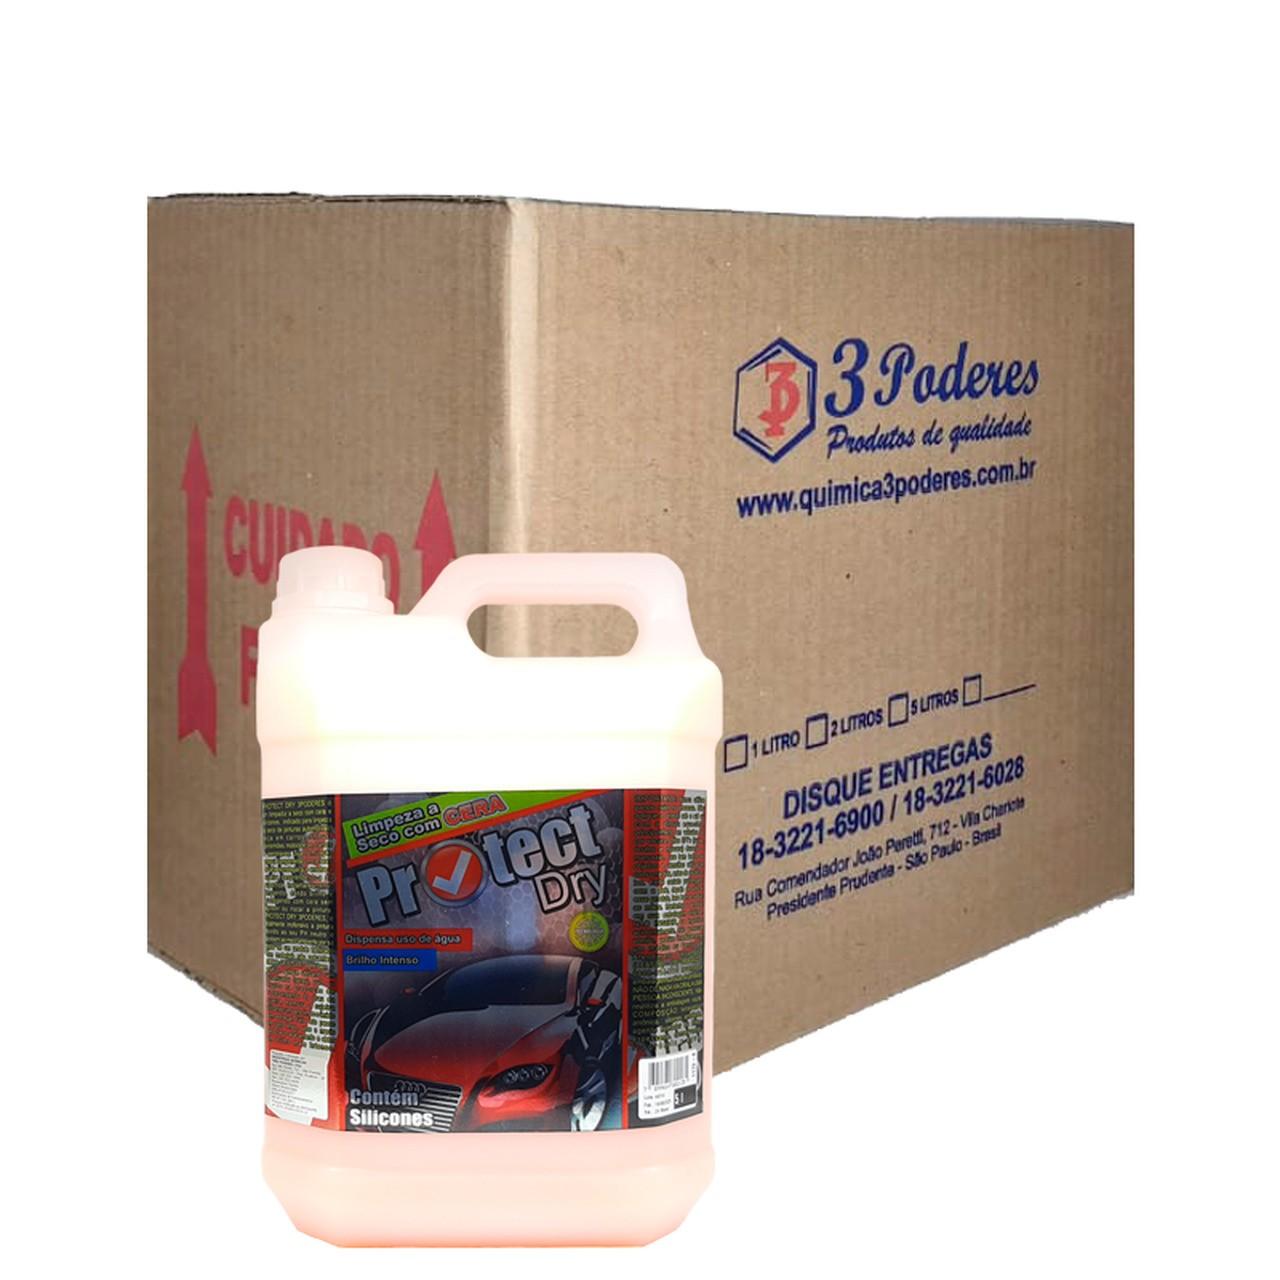 Protect DRY 3 Poderes 5LTS - Cera Limpadora à seco de auto brilho para automóveis com silicone - Caixa com 4 Un.